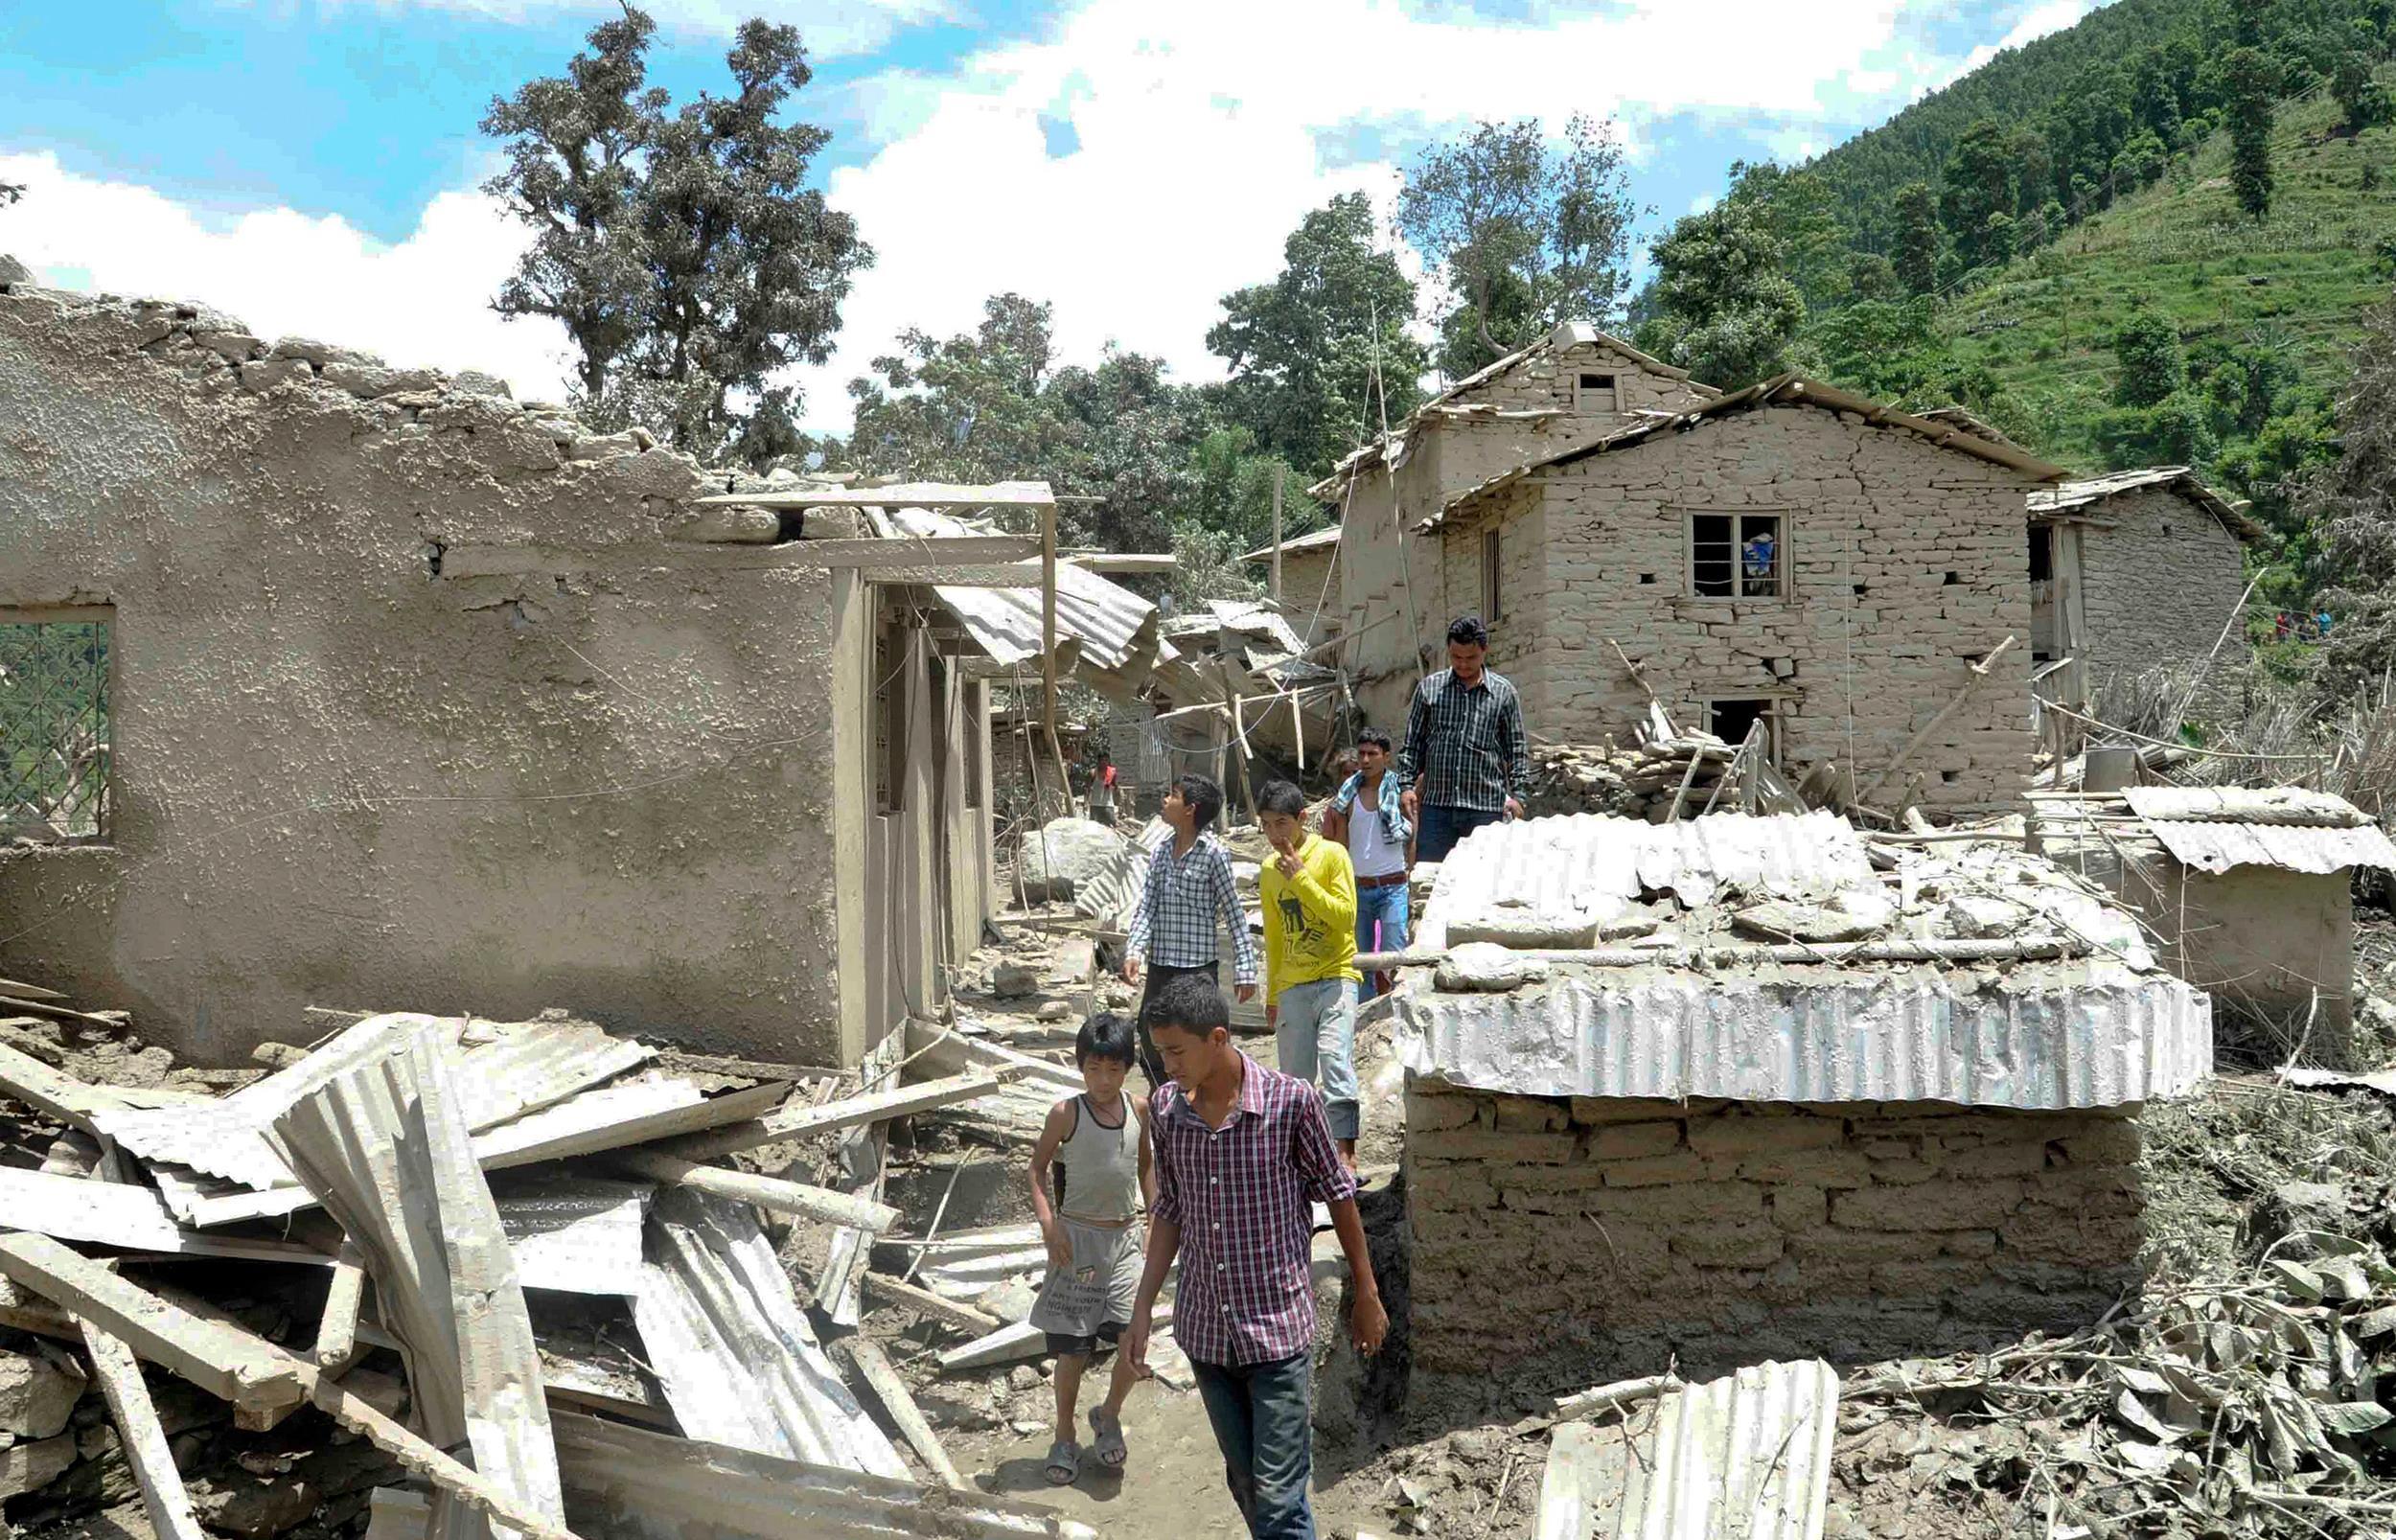 Image: Landslide area in Nepal